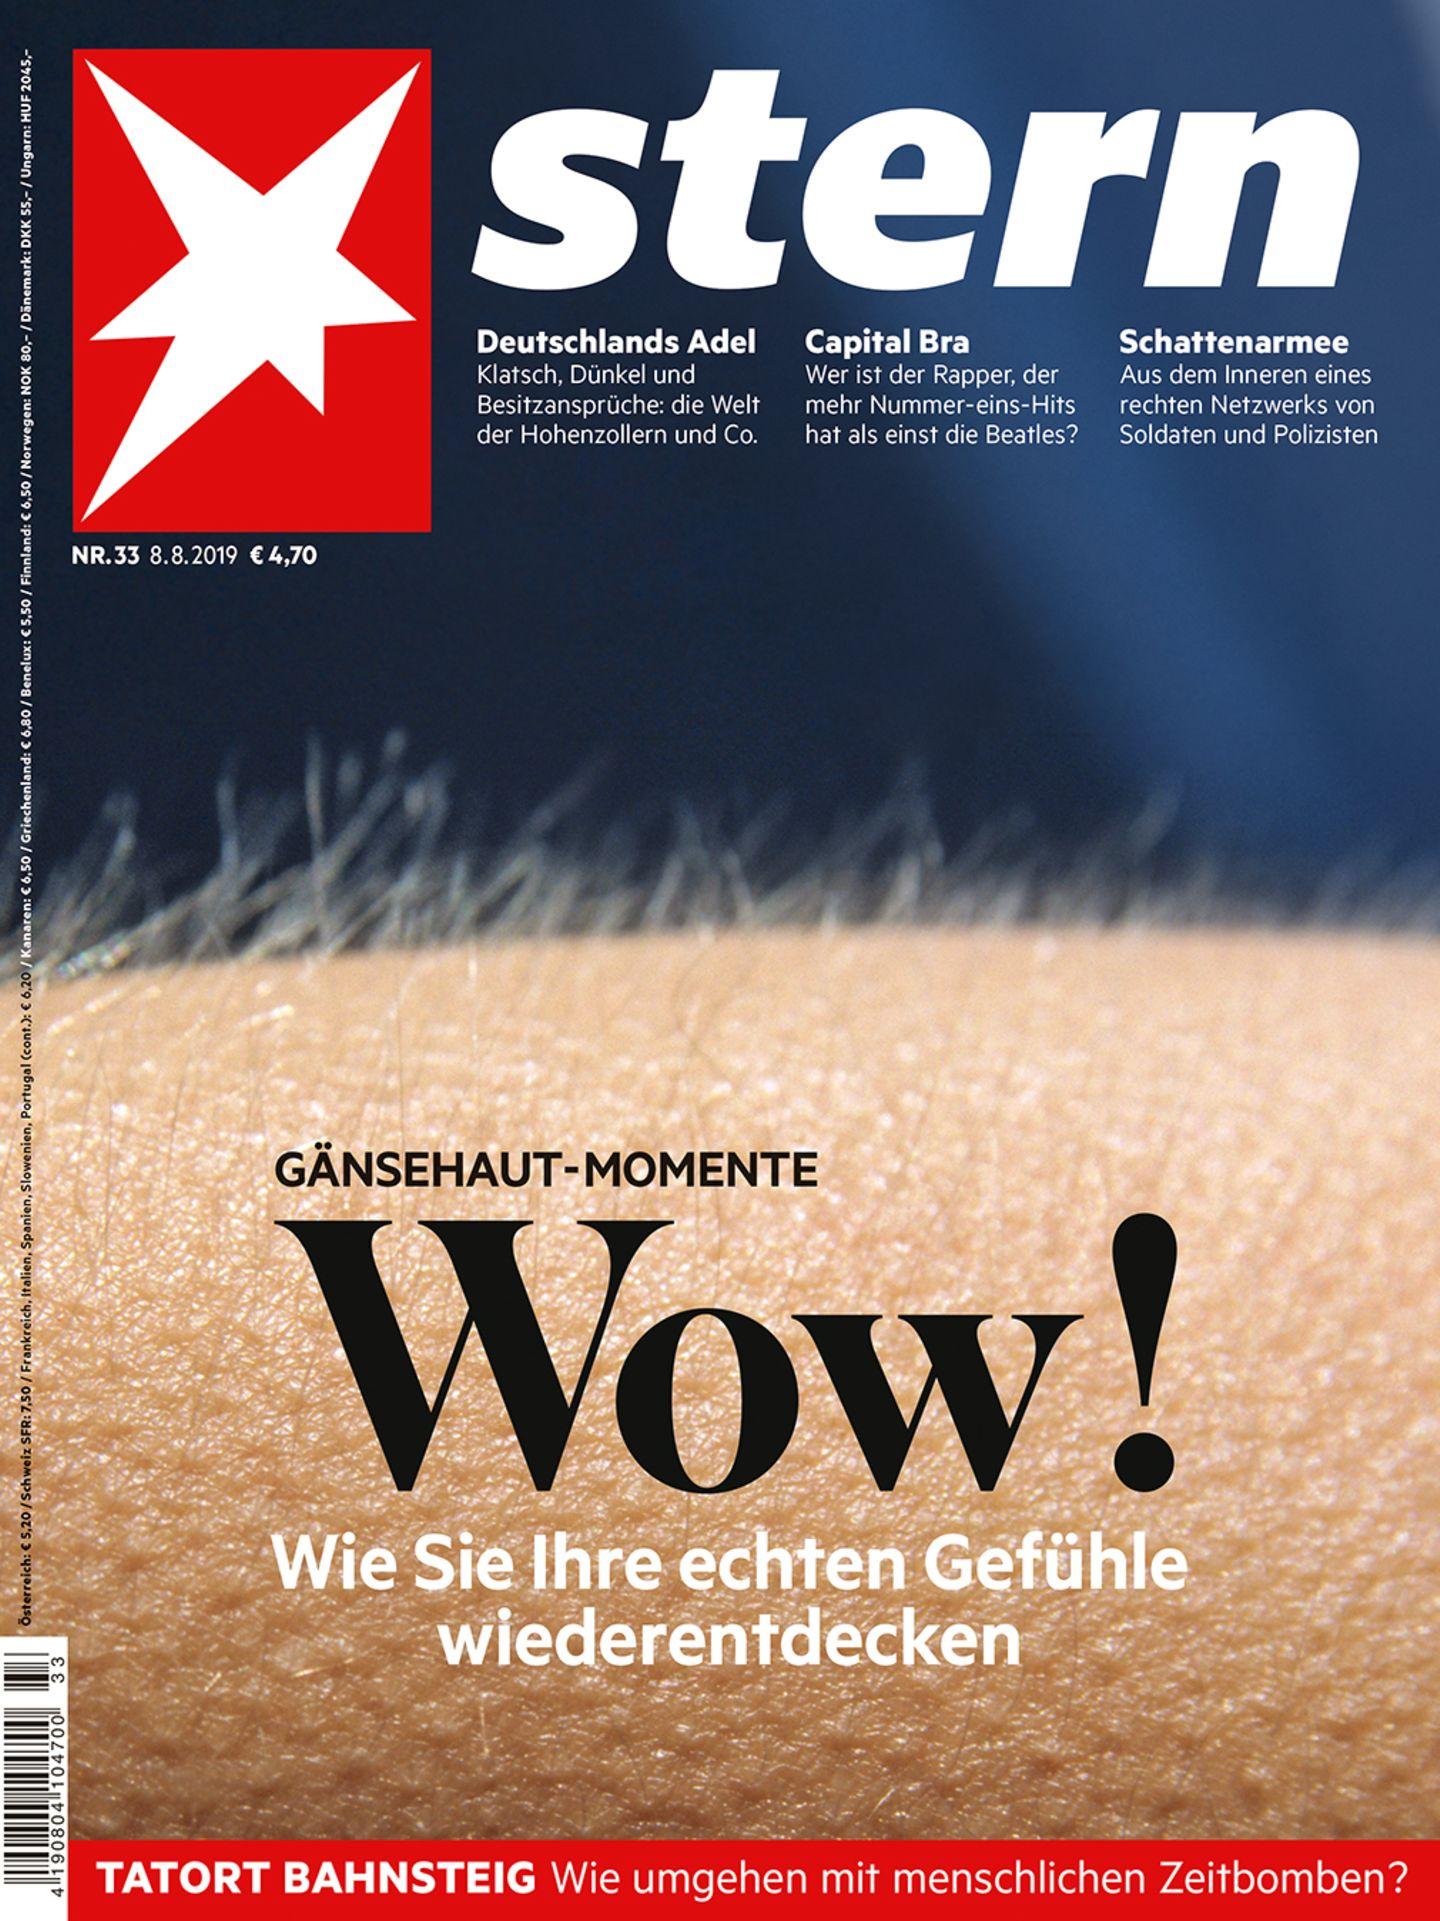 Mehrüber Deutschlands Adel lesen Sie in der aktuellen Ausgabe des stern